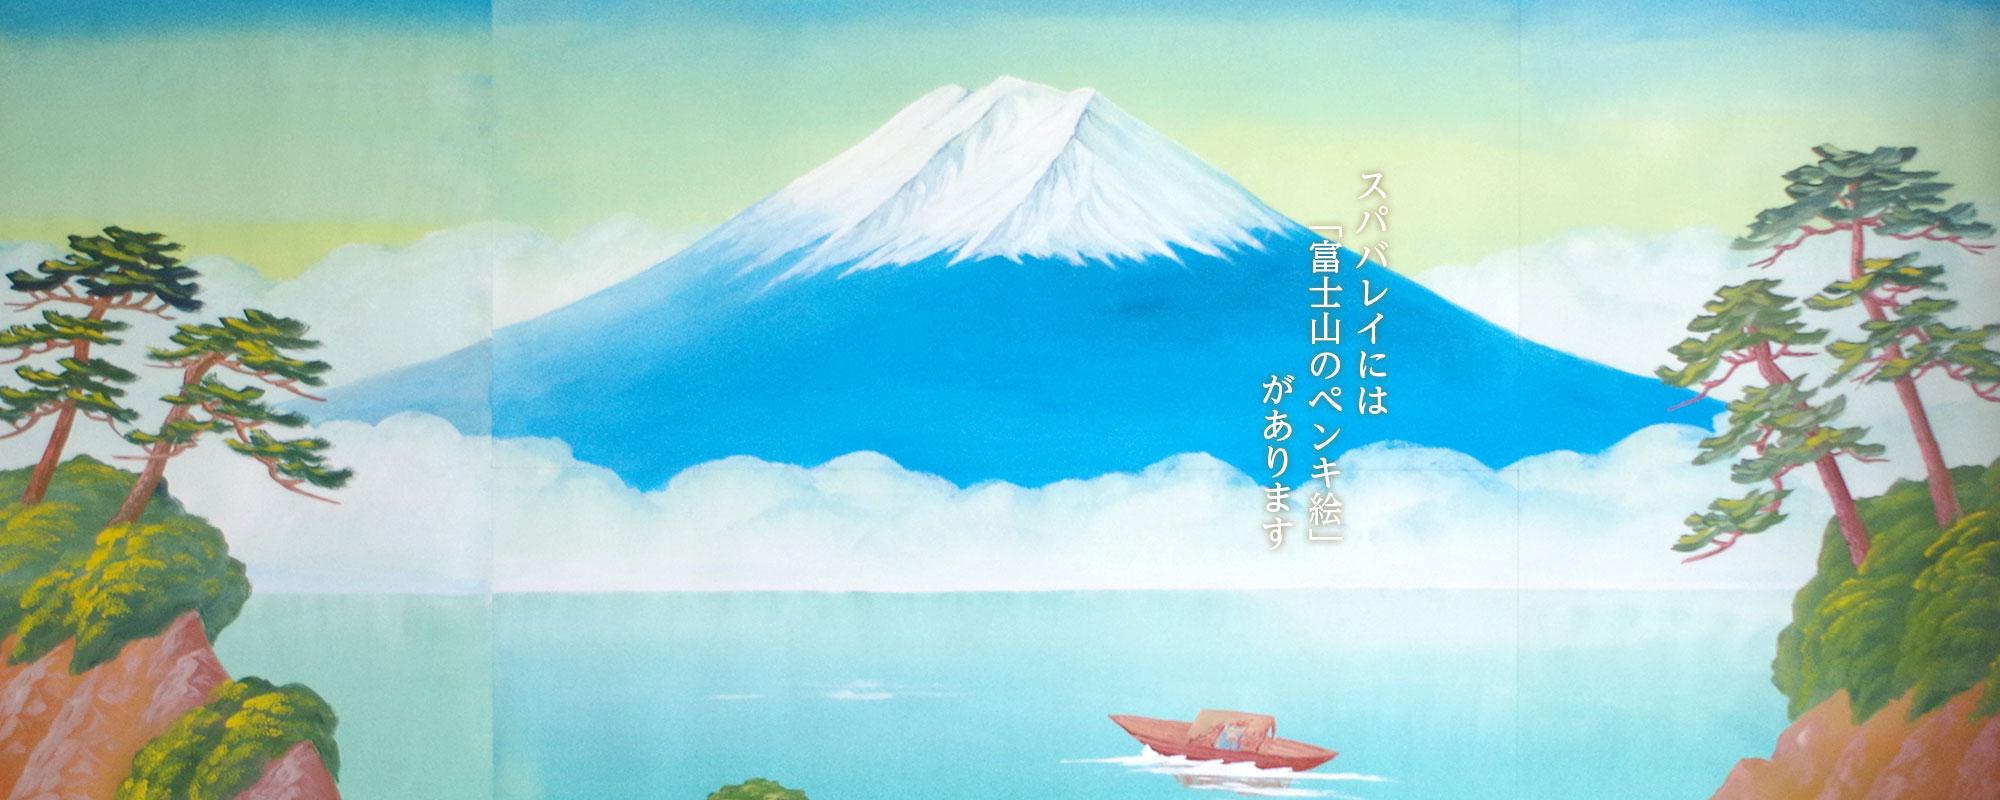 スパバレイには富士山のペンキ絵があります